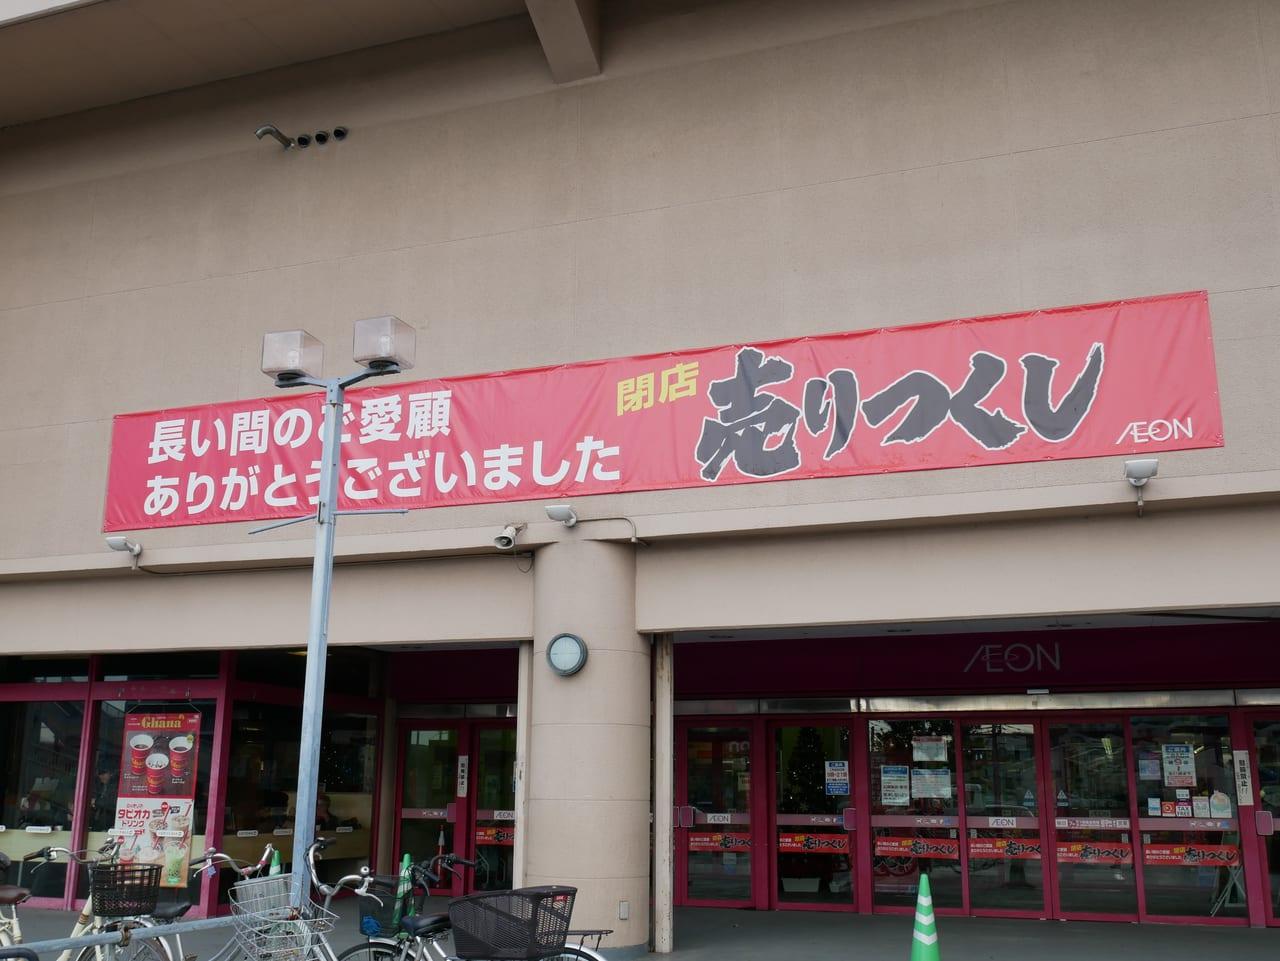 イオン武蔵狭山店の閉店セールの横断幕